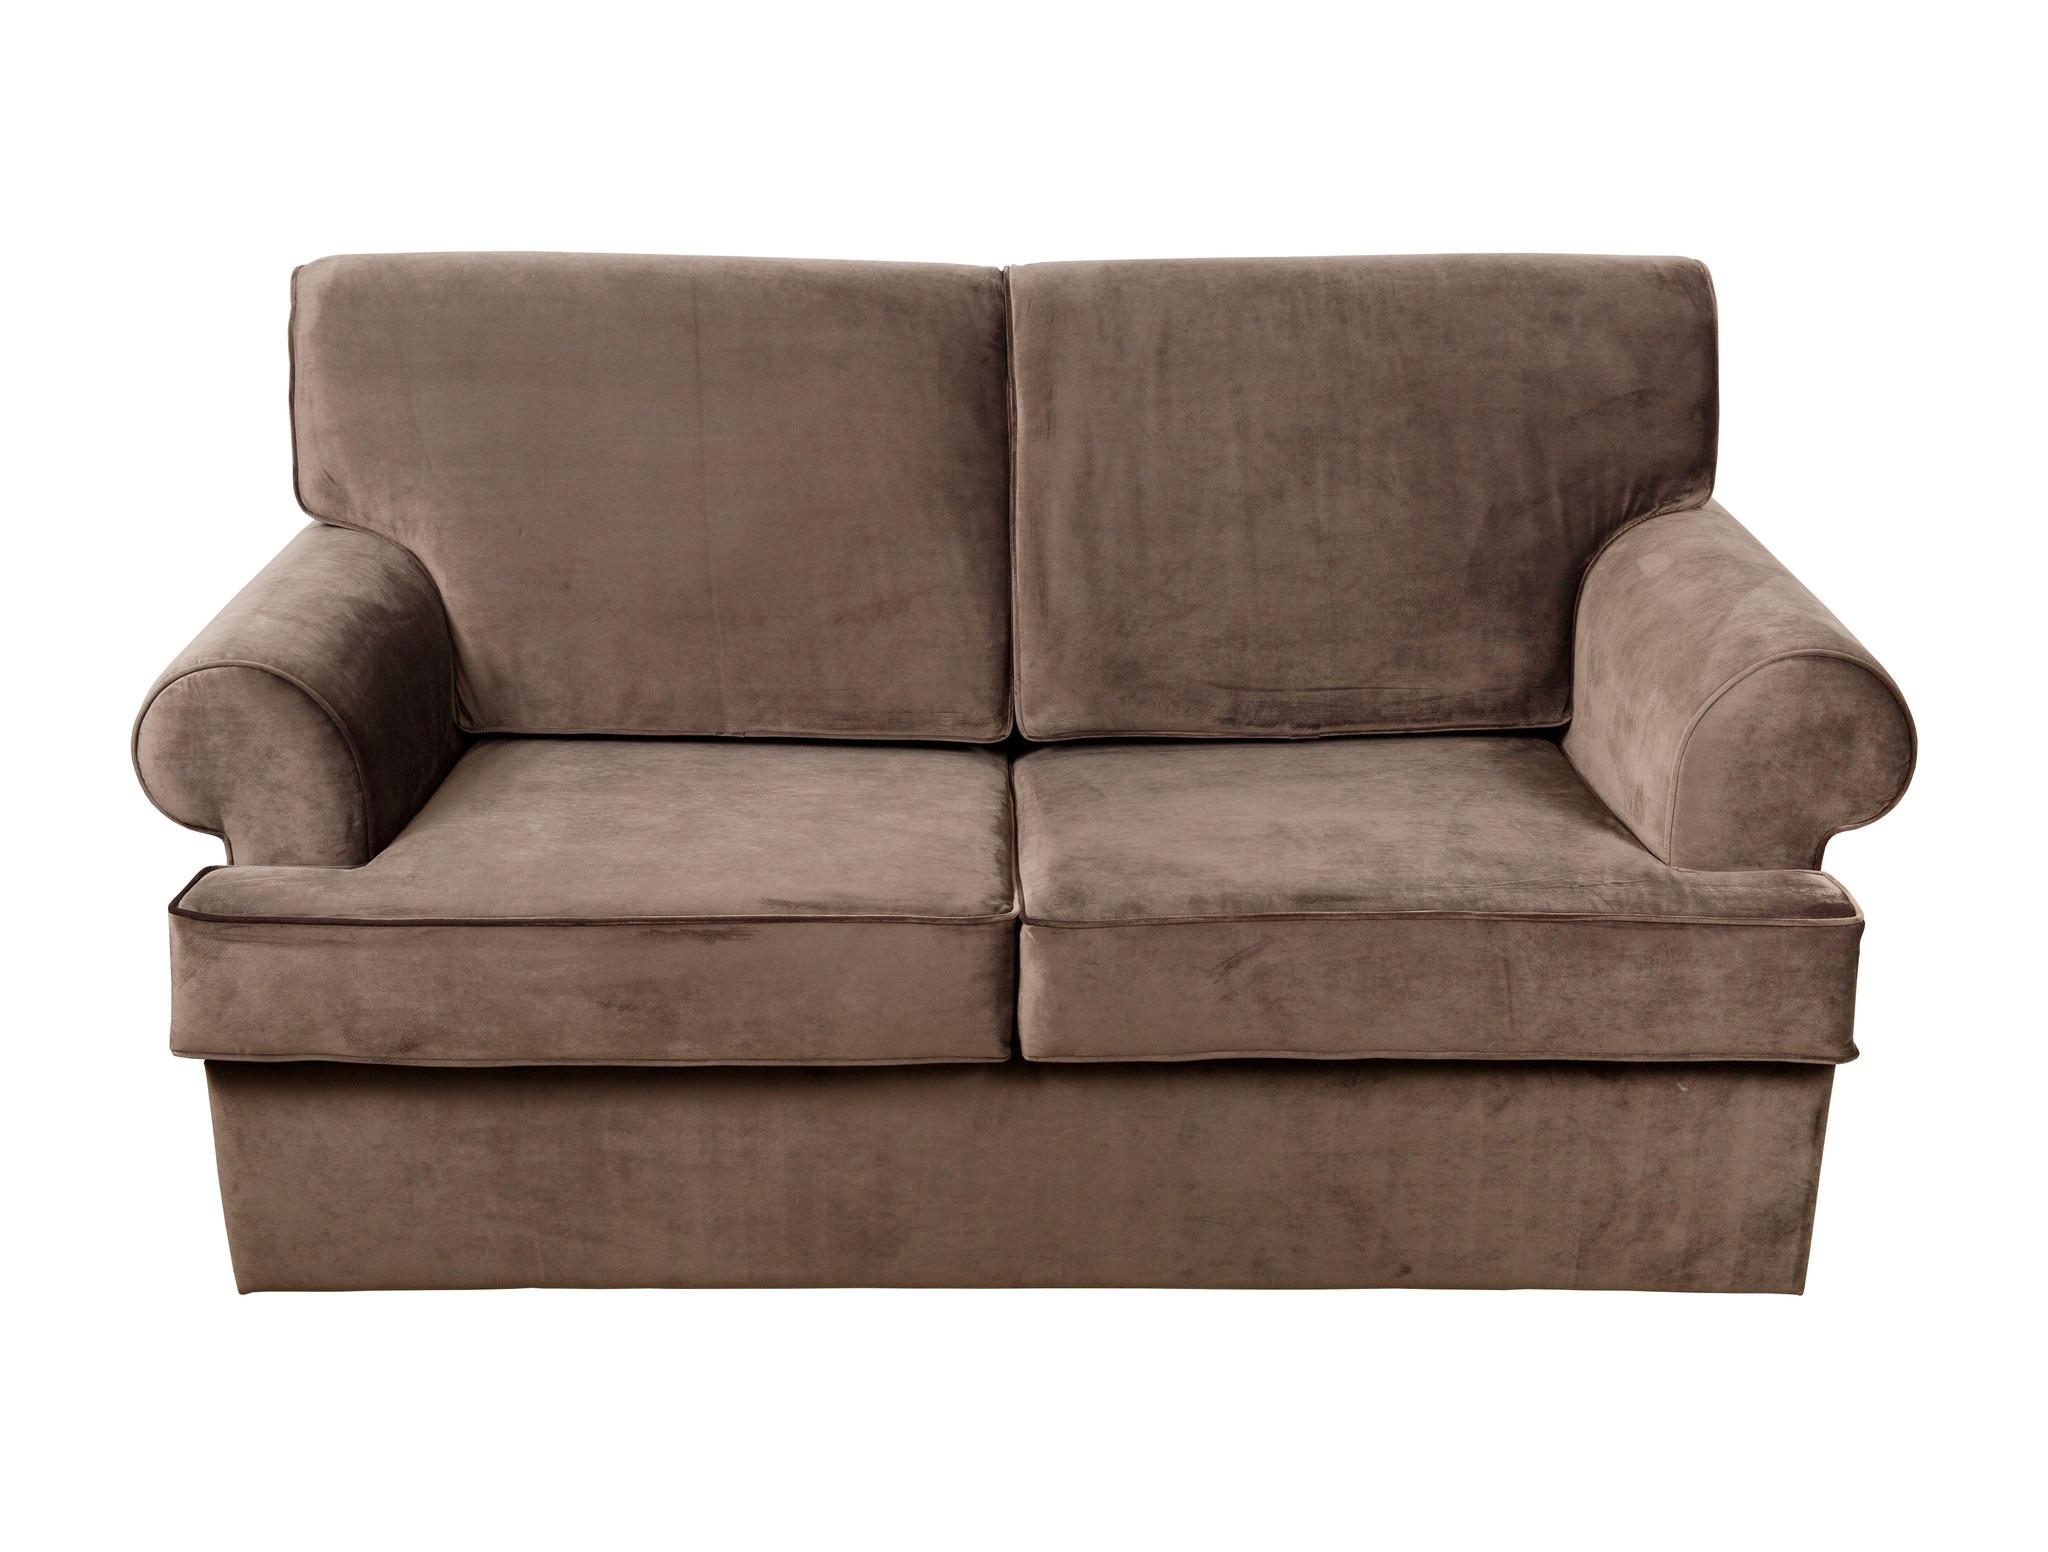 ДиванПрямые раскладные диваны<br>Каркасный  диван оригинального дизайна станет не только выделяющимся, но и комфортным акцентом в вашем интерьере.  Диван станет незаменимым предметом декора или функциональной мебелью. А эксклюзивные ткани добавят изюминку в ваше пространство.&amp;lt;div&amp;gt;&amp;lt;br&amp;gt;&amp;lt;/div&amp;gt;&amp;lt;div&amp;gt;&amp;lt;div&amp;gt;Размер спального места: 120х155&amp;lt;/div&amp;gt;&amp;lt;div&amp;gt;Подушки в стоимость не входят.&amp;lt;/div&amp;gt;&amp;lt;/div&amp;gt;<br><br>Material: Текстиль<br>Ширина см: 150<br>Высота см: 70<br>Глубина см: 87